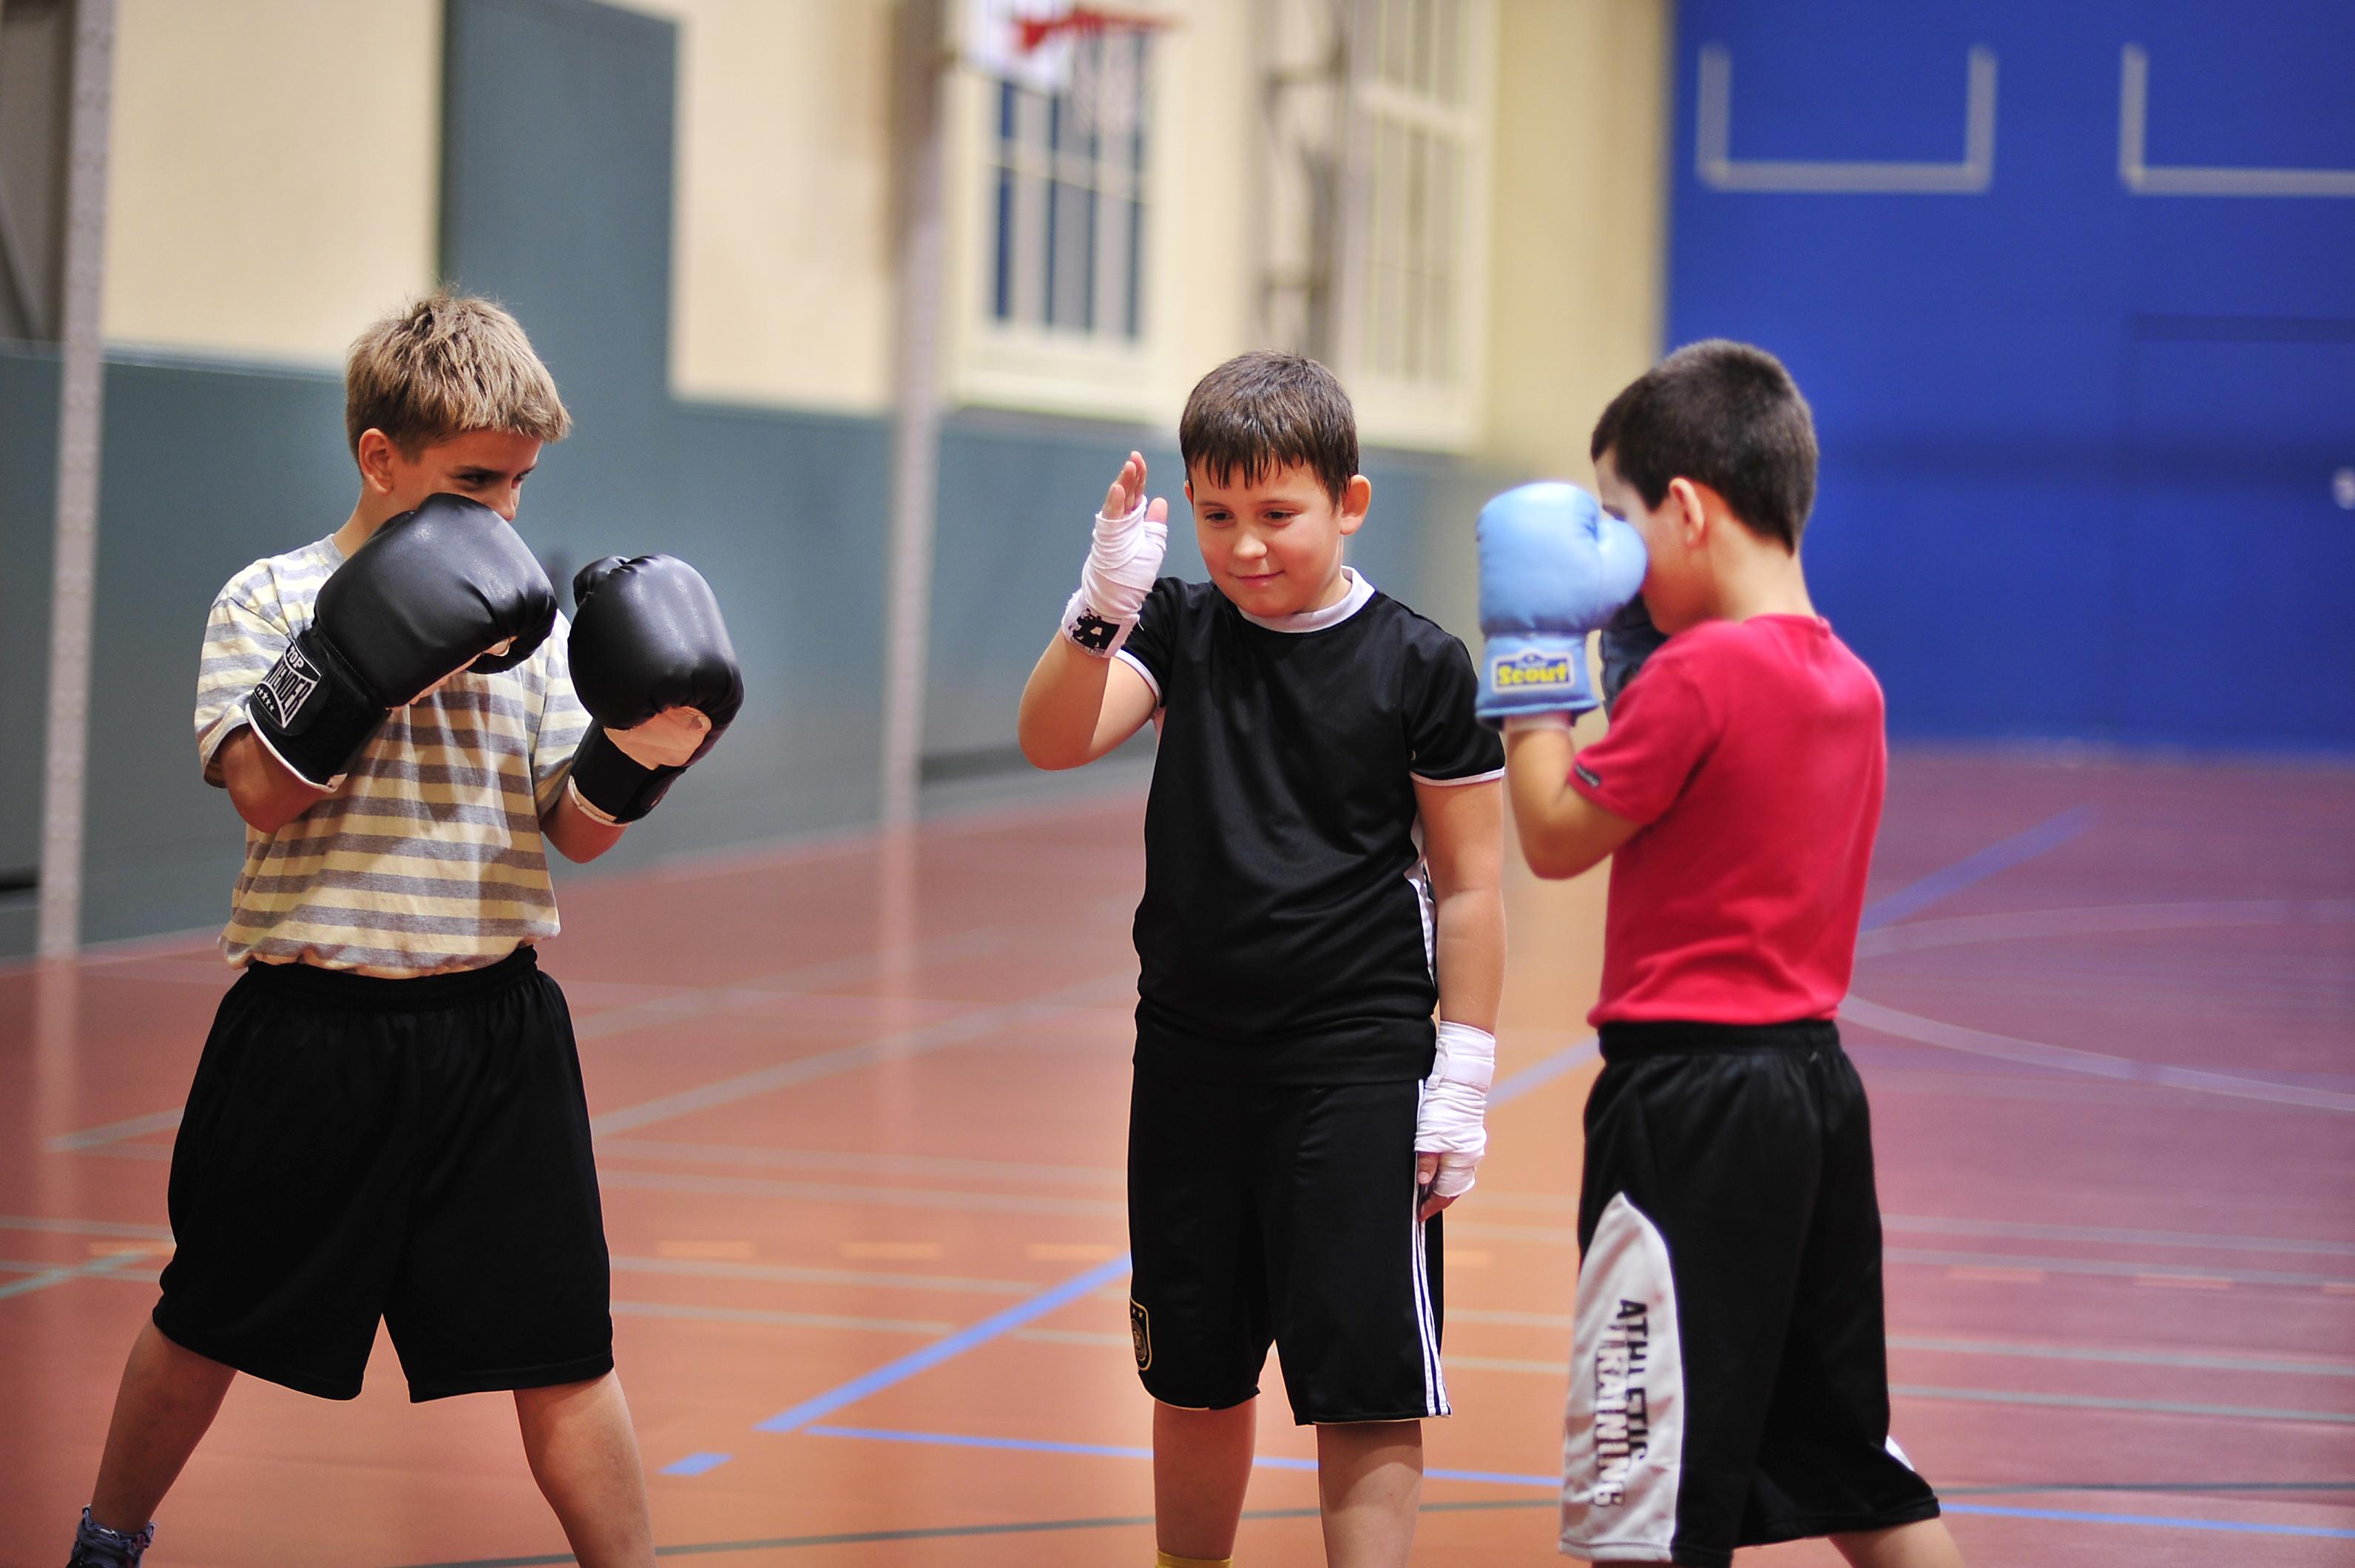 Zwei KInder kurz vor dem Kampf, während ein Kamerade den Ringrichter spielt.